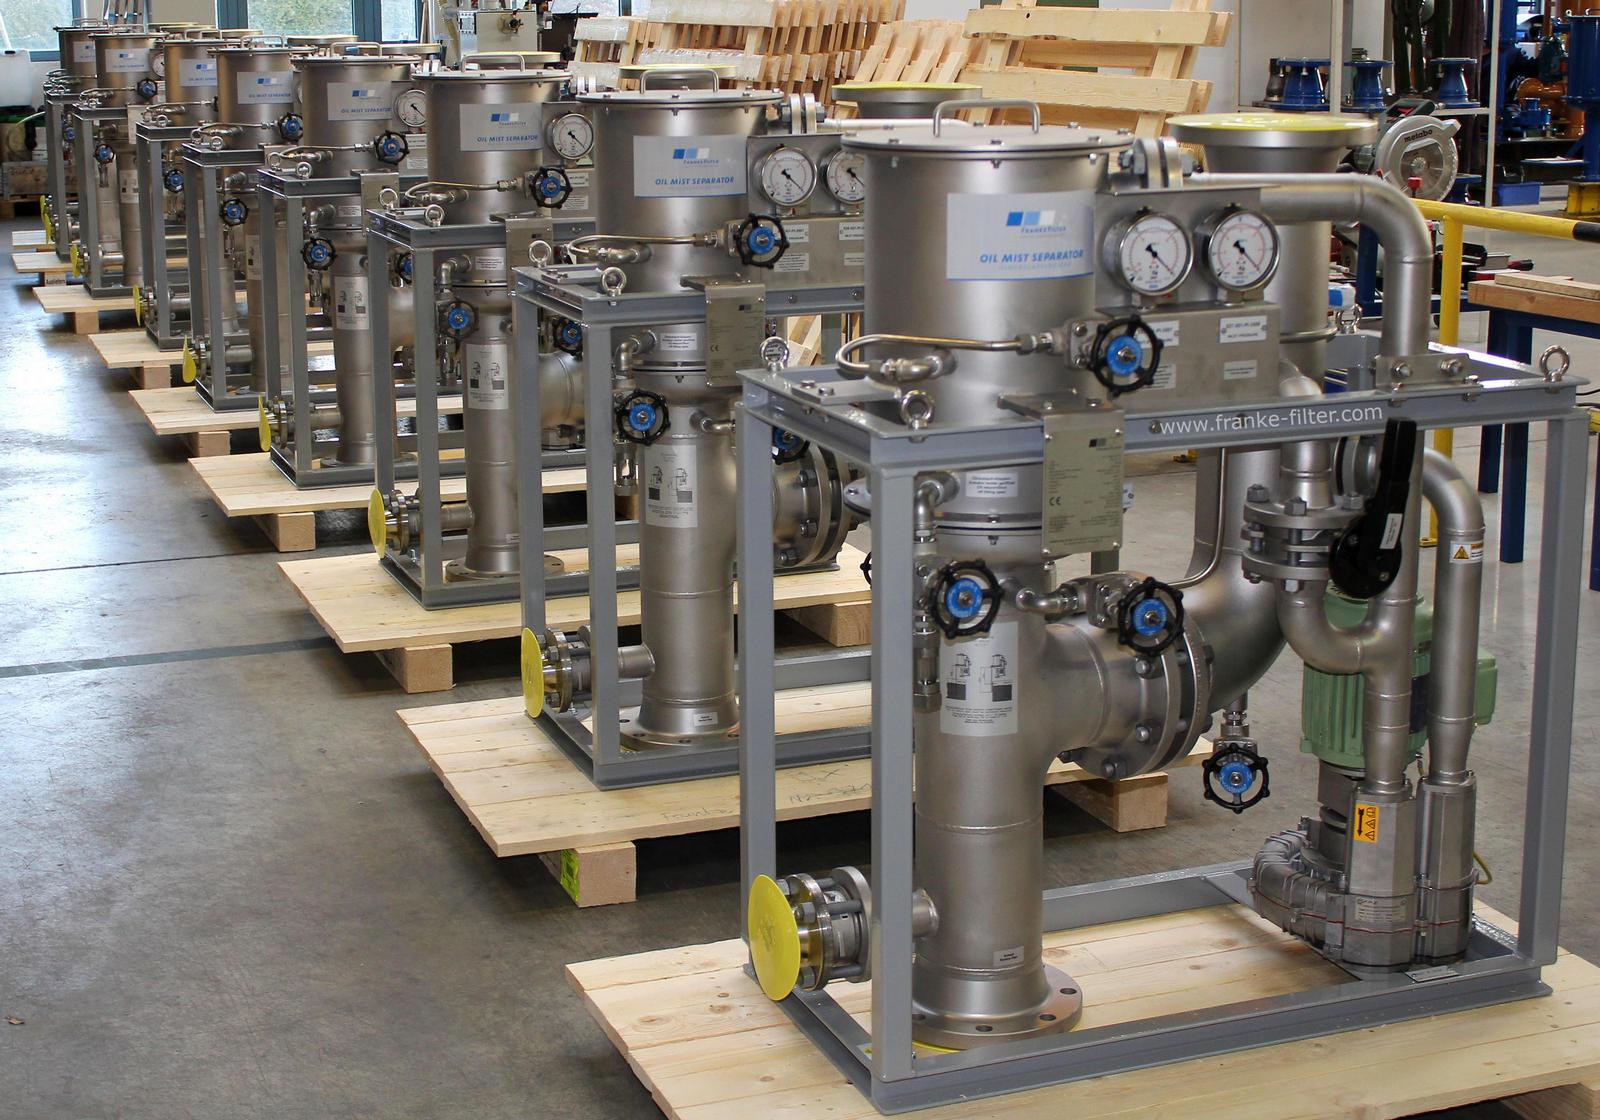 FRANKE-Filter Oil Mist Separators for BHGE Gas compression trains